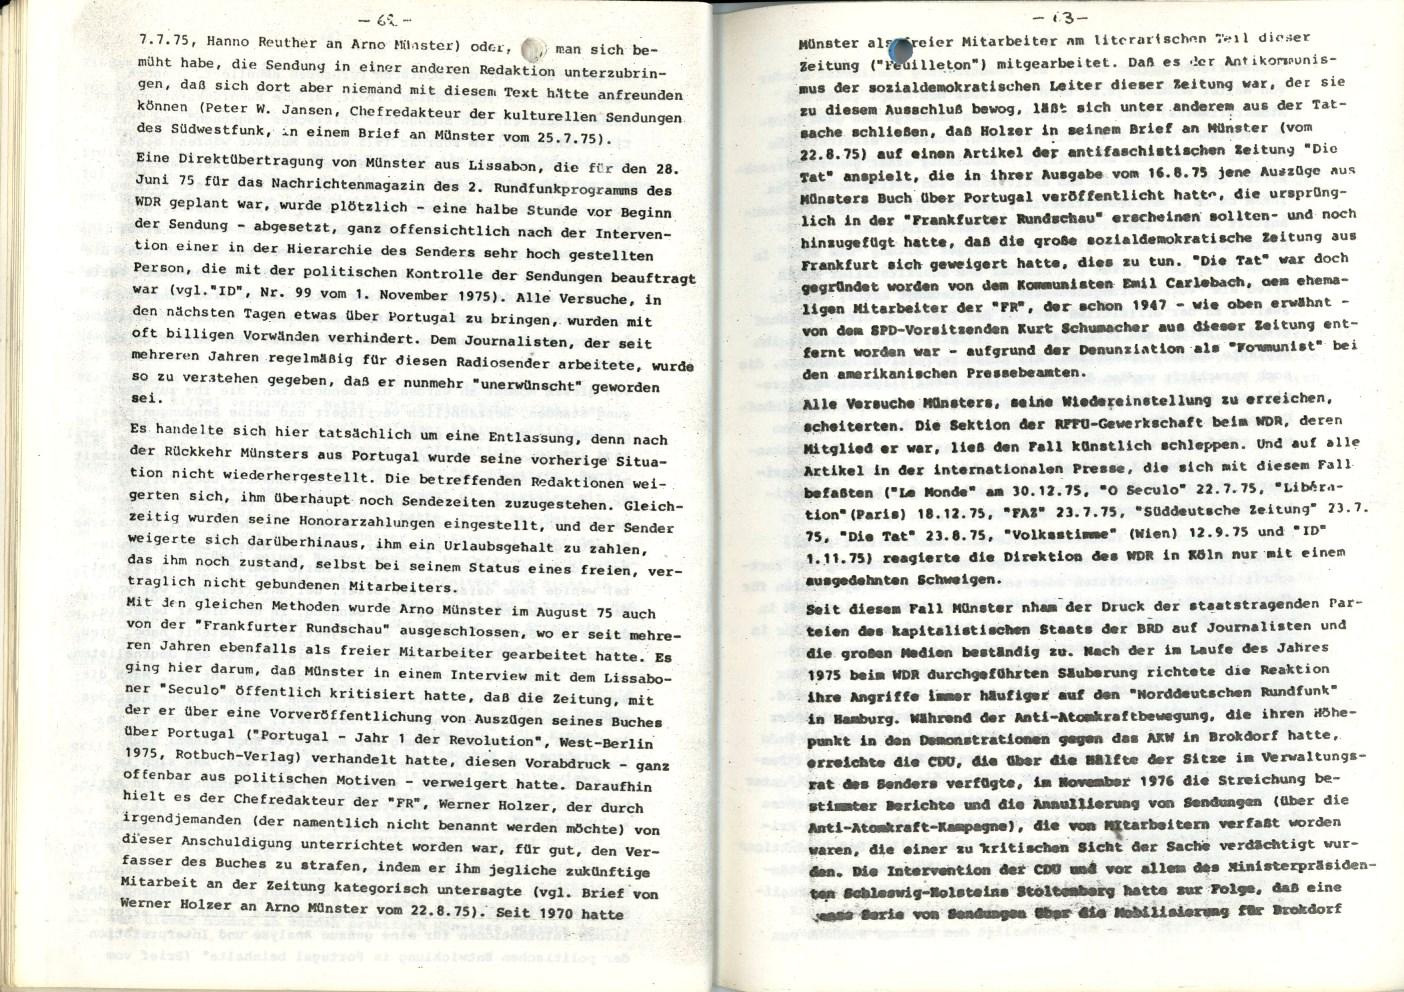 Hamburg_Vorbereitungsgruppe_Russell_Tribunal_Zensur_1978_32